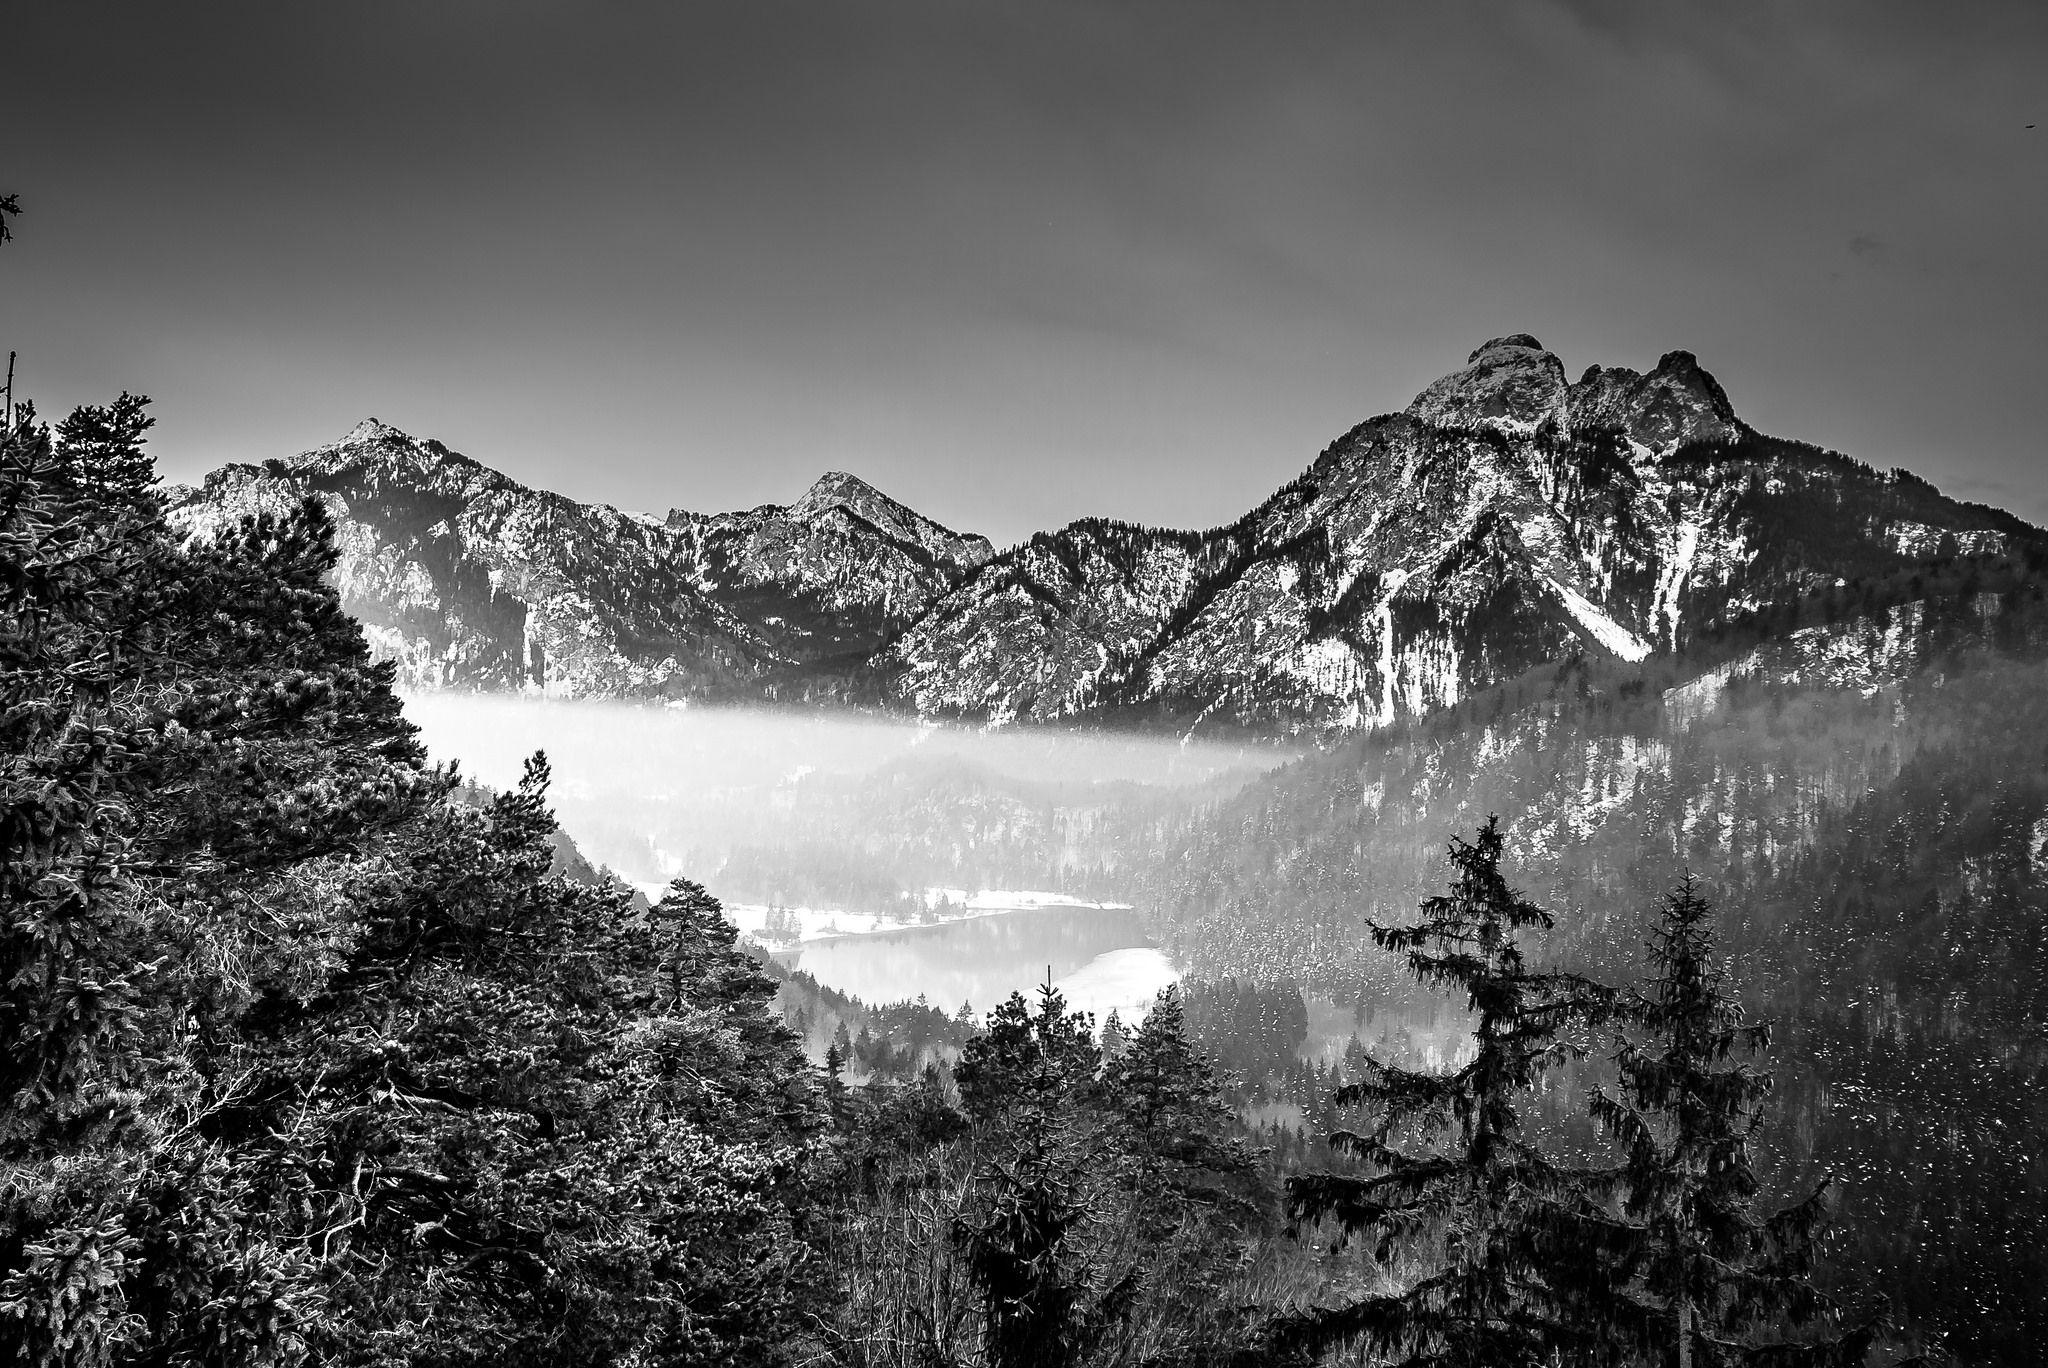 https://flic.kr/p/E1QQaF | Misty mountains | Hohenschwangau Neuschwanstein